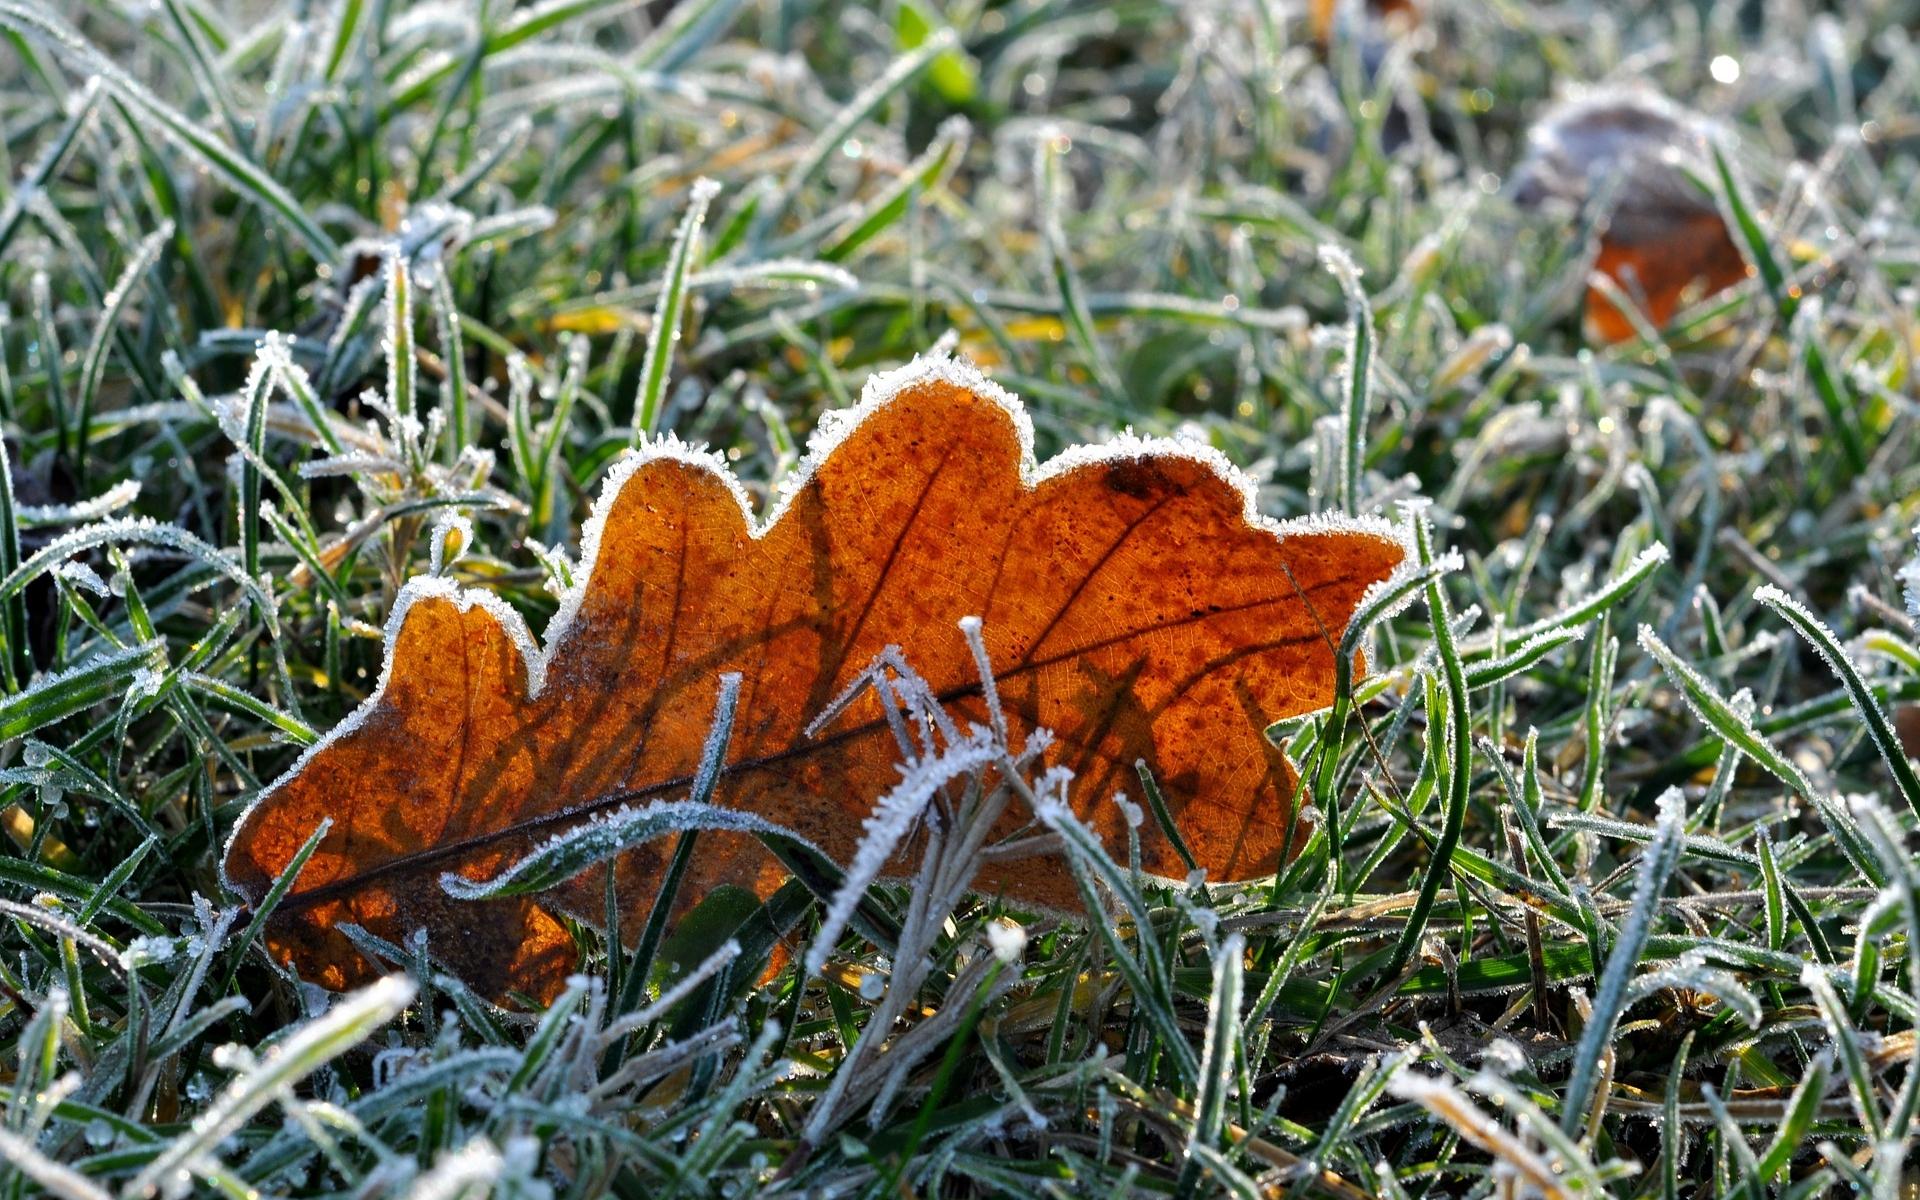 Comment prédire le gel: Préparer et protéger votre jardin